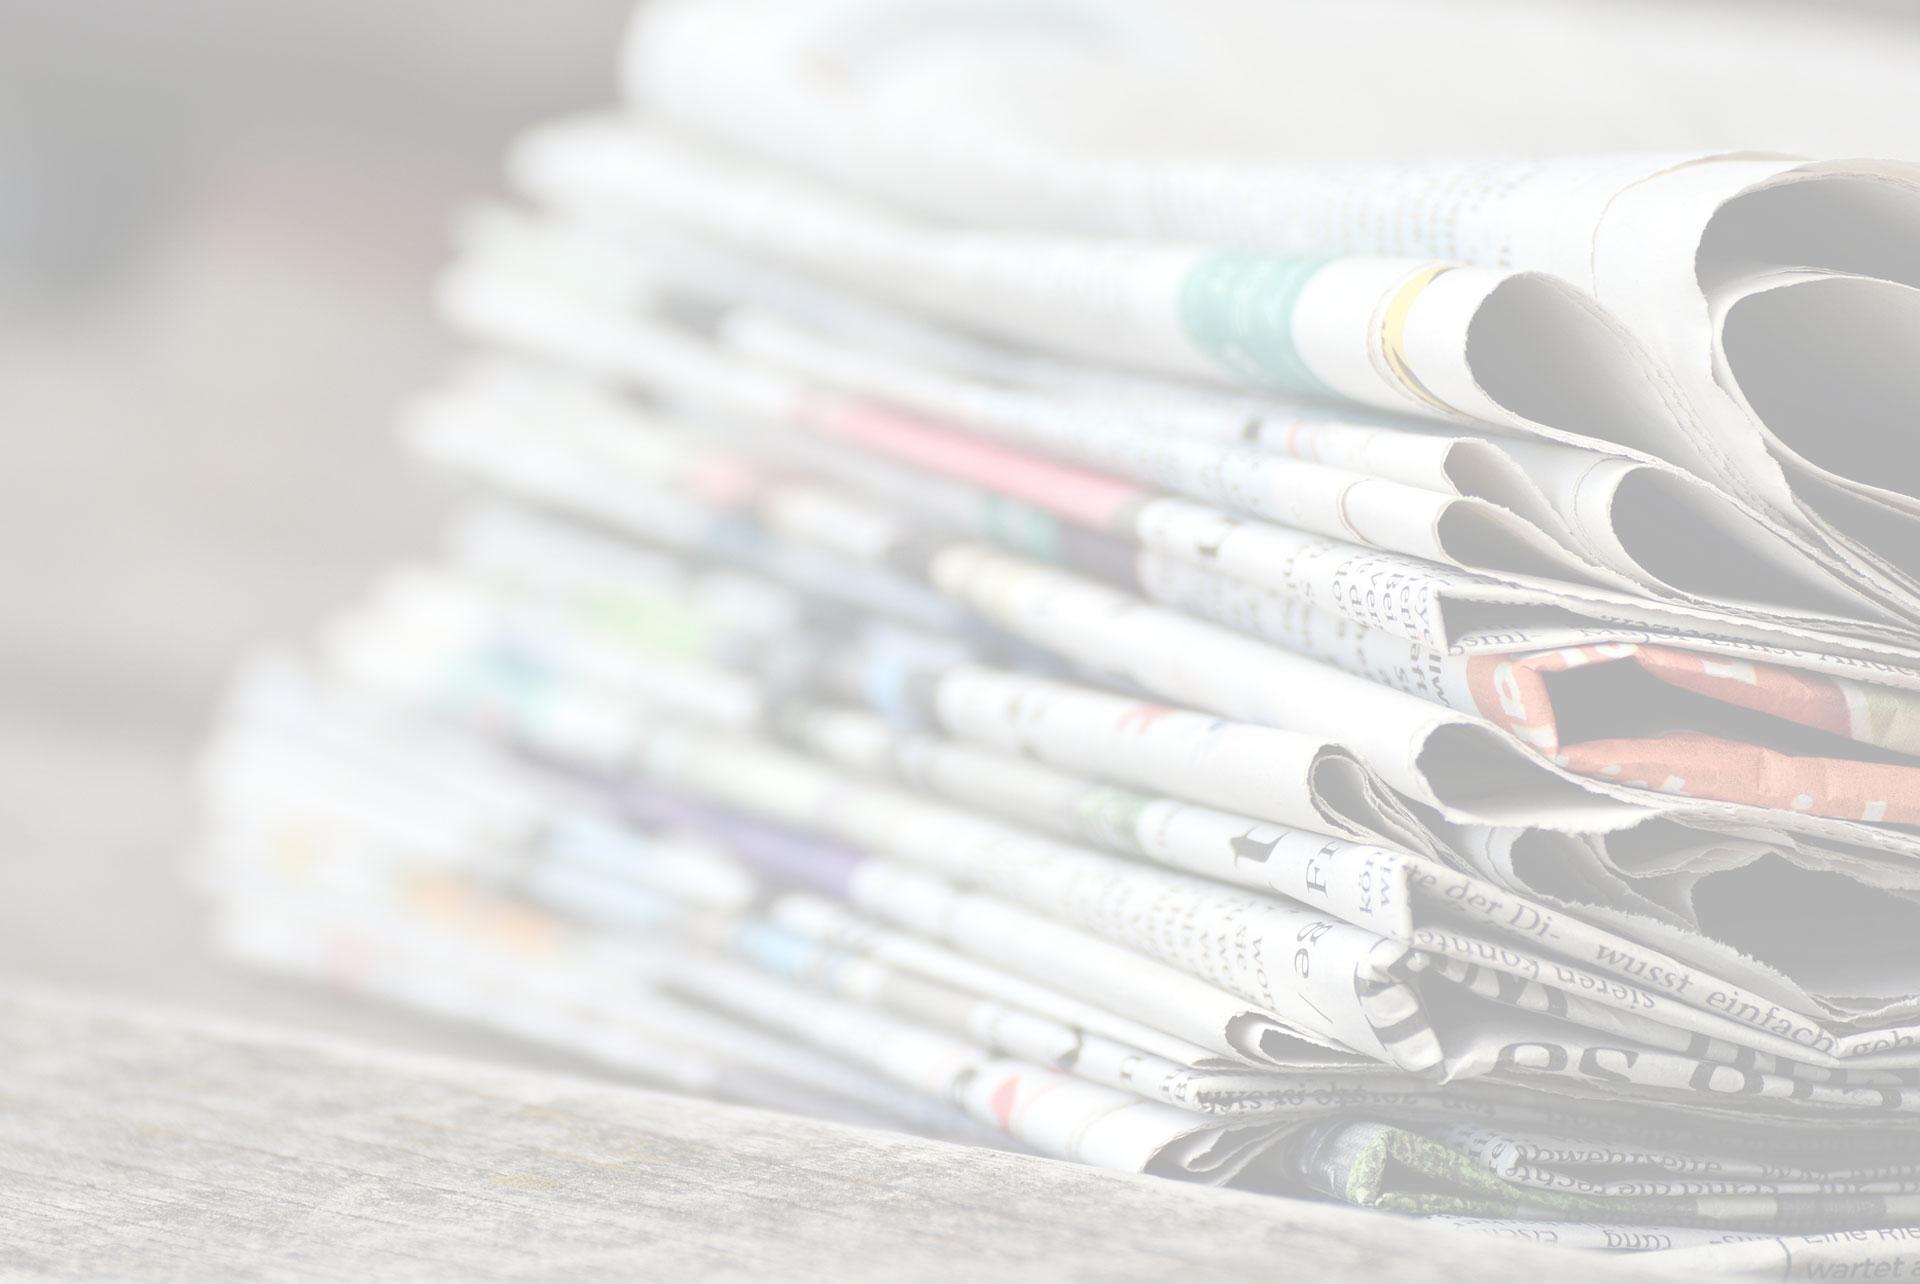 Andrea Bertolacci Genoa